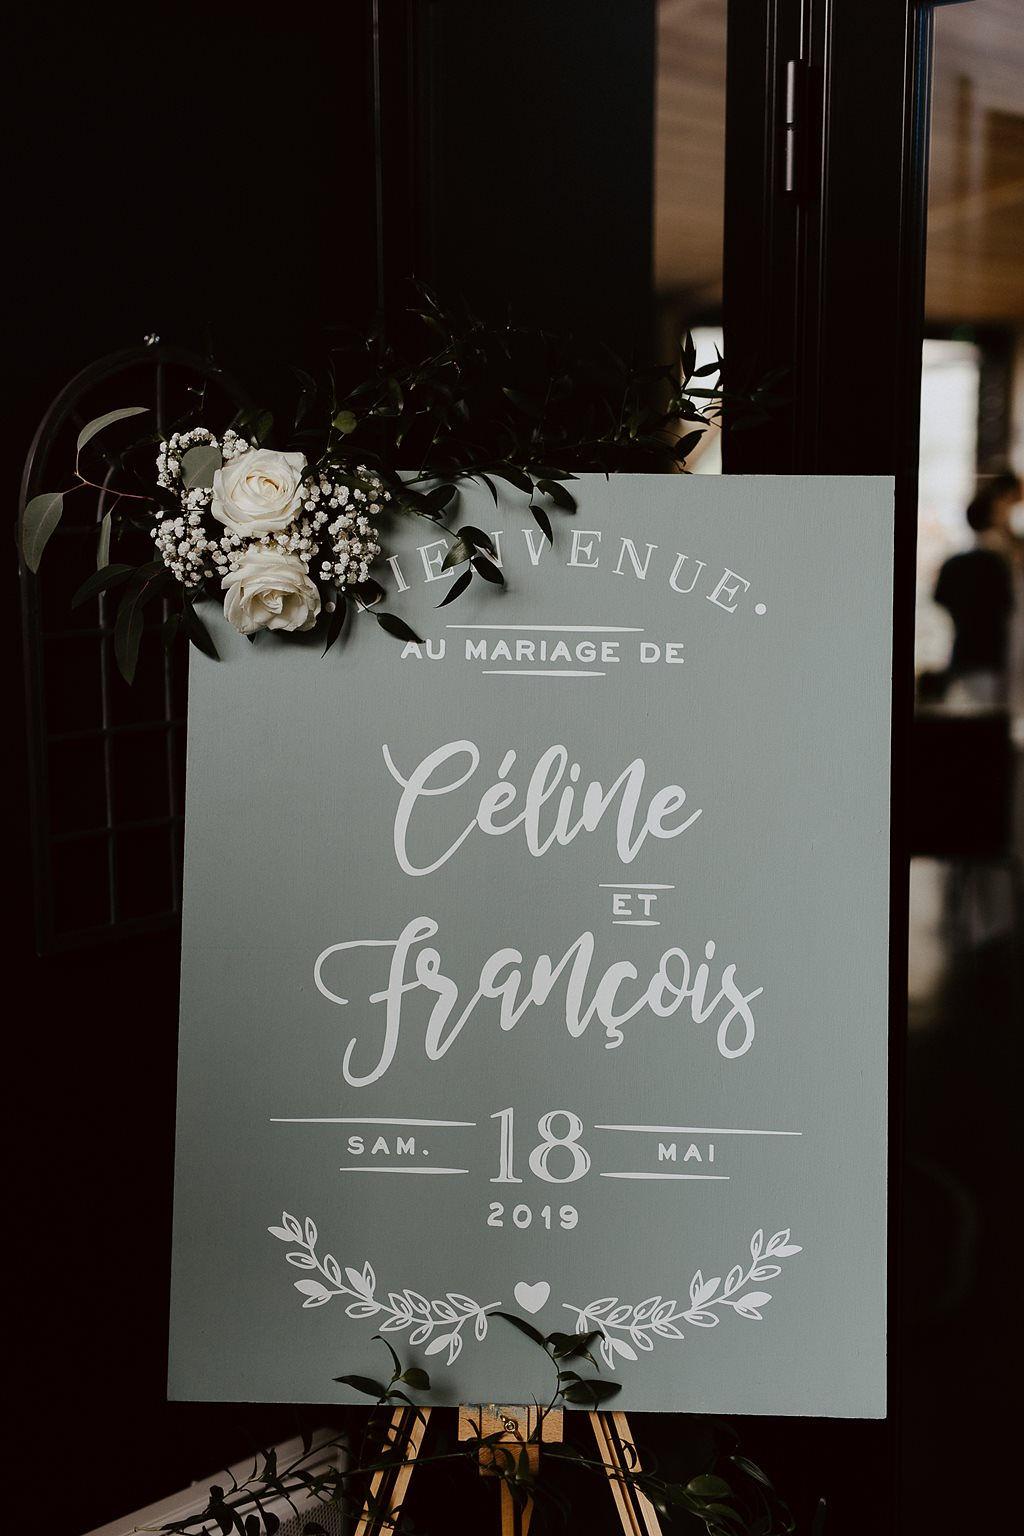 panneau bienvenue mariage Loire atlantique